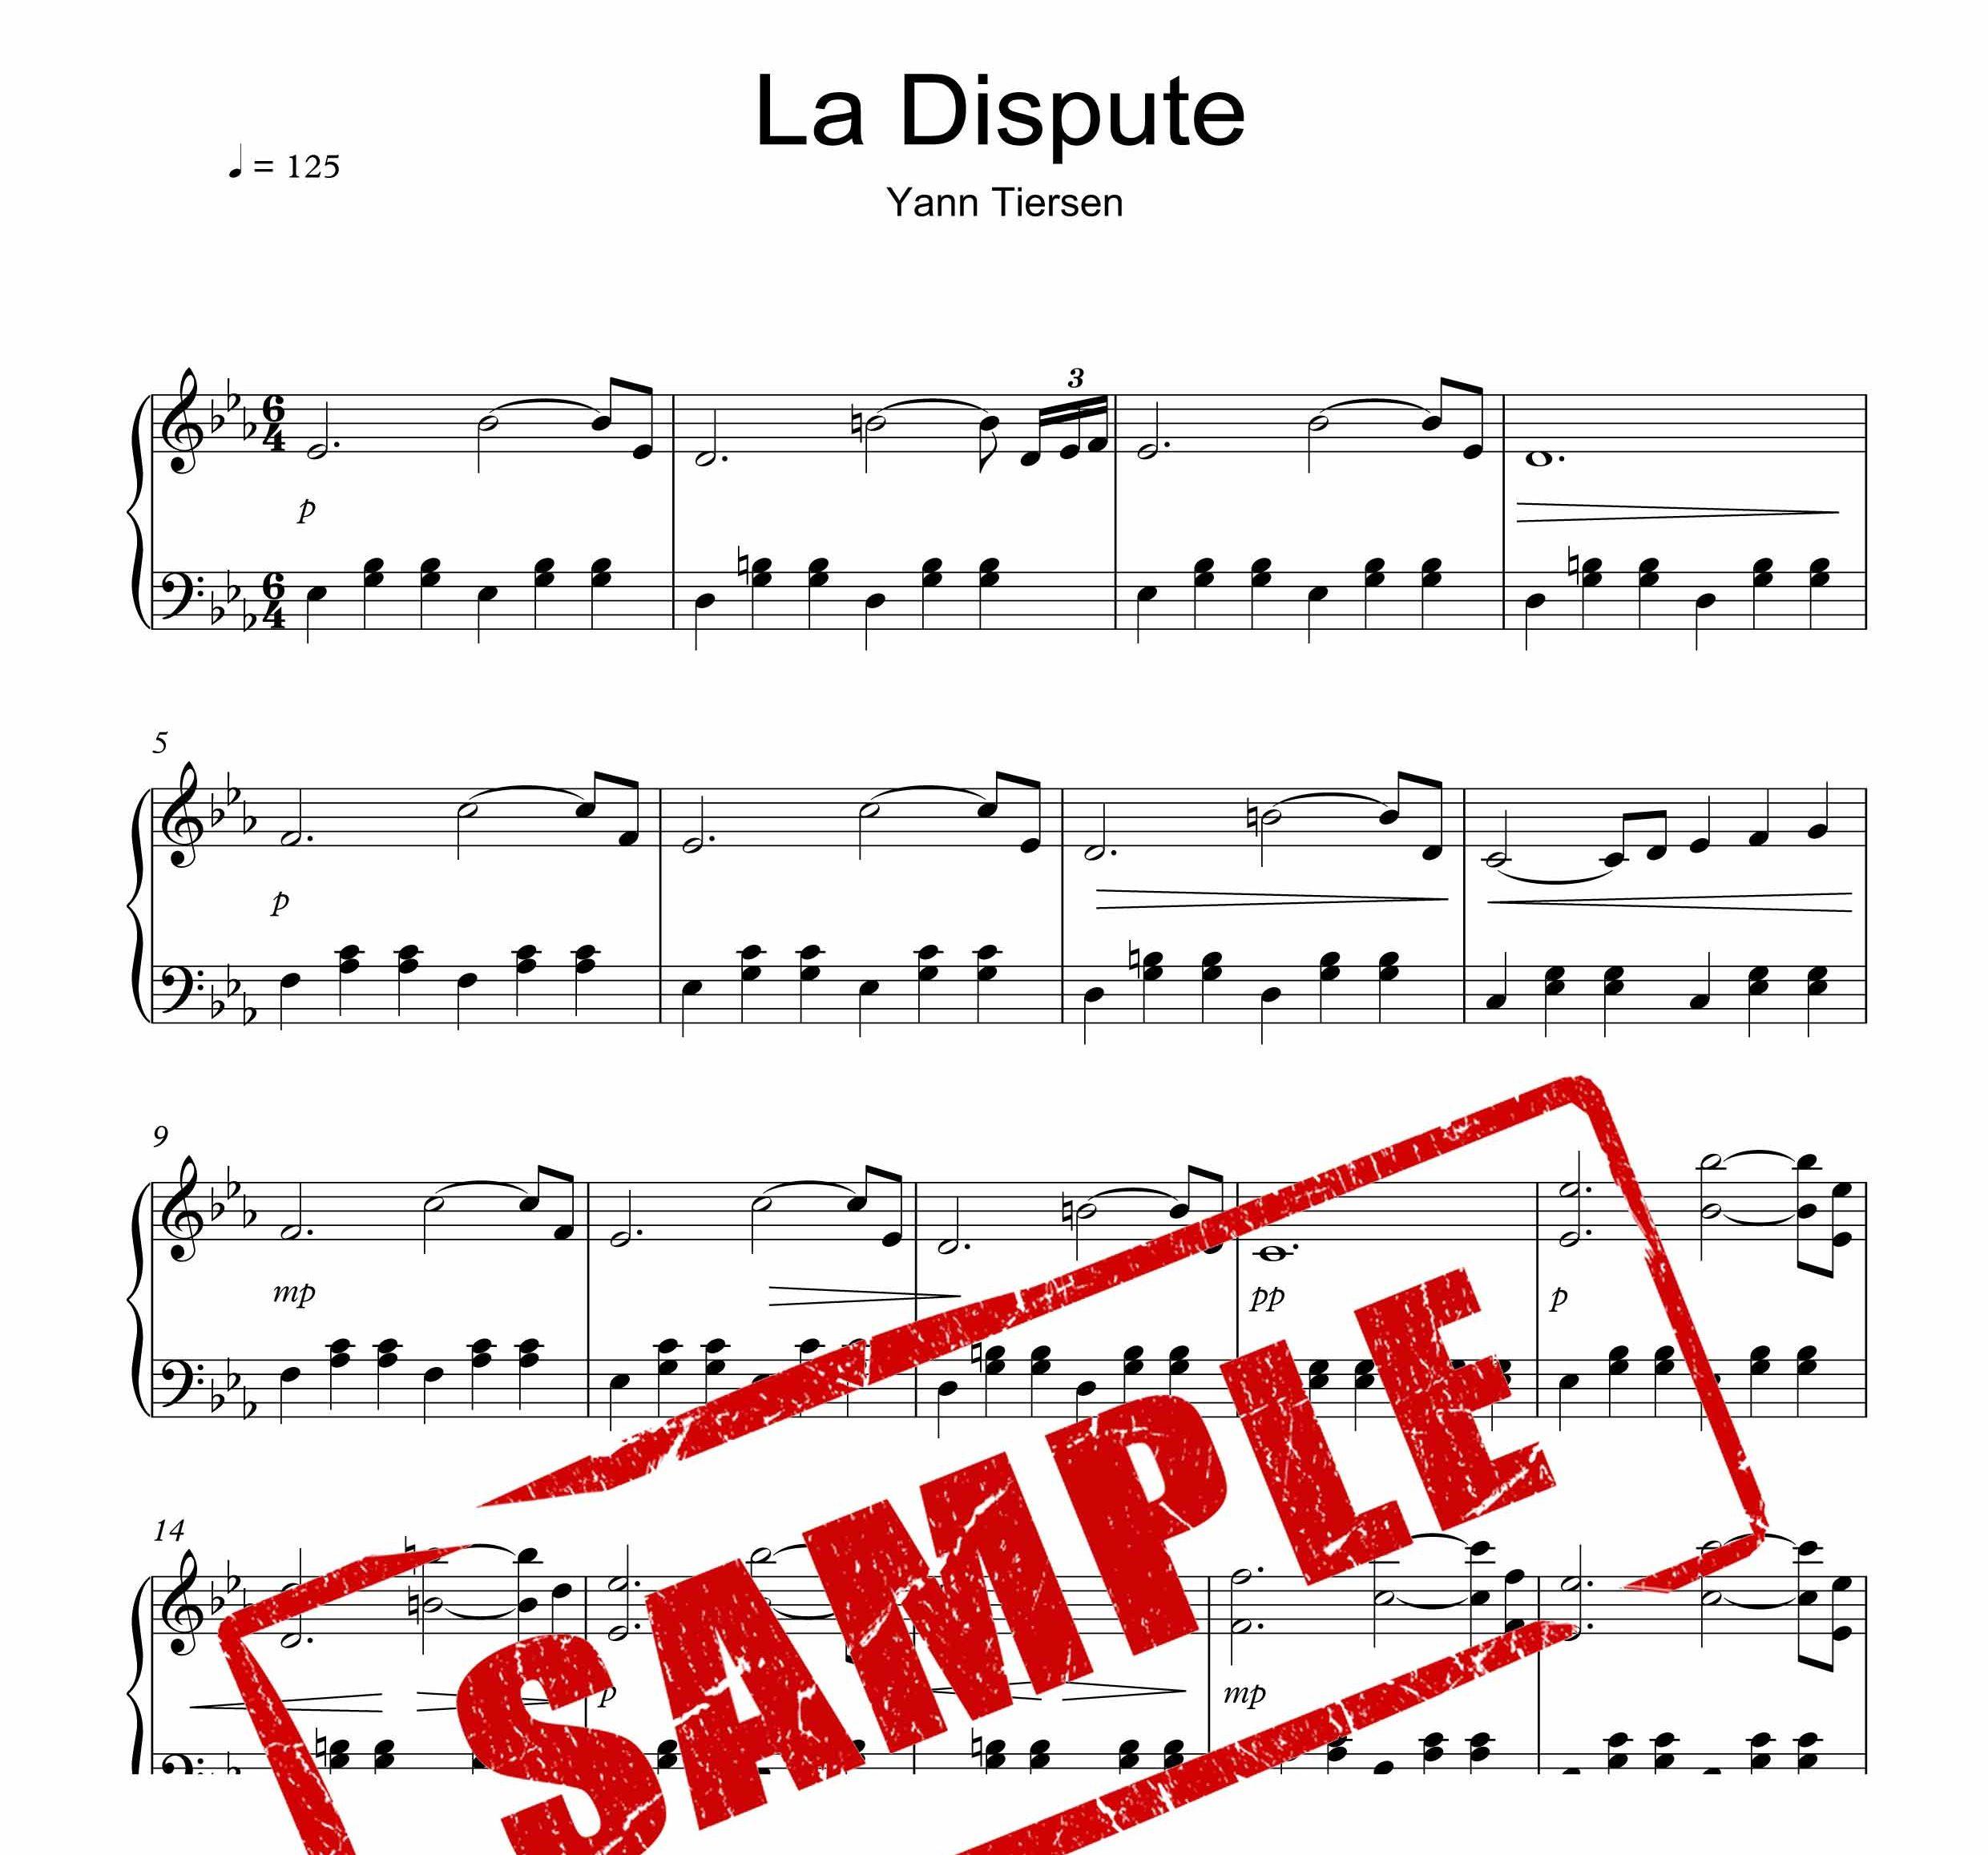 نت پیانوی قطعه La Dispute از یان تیرسن